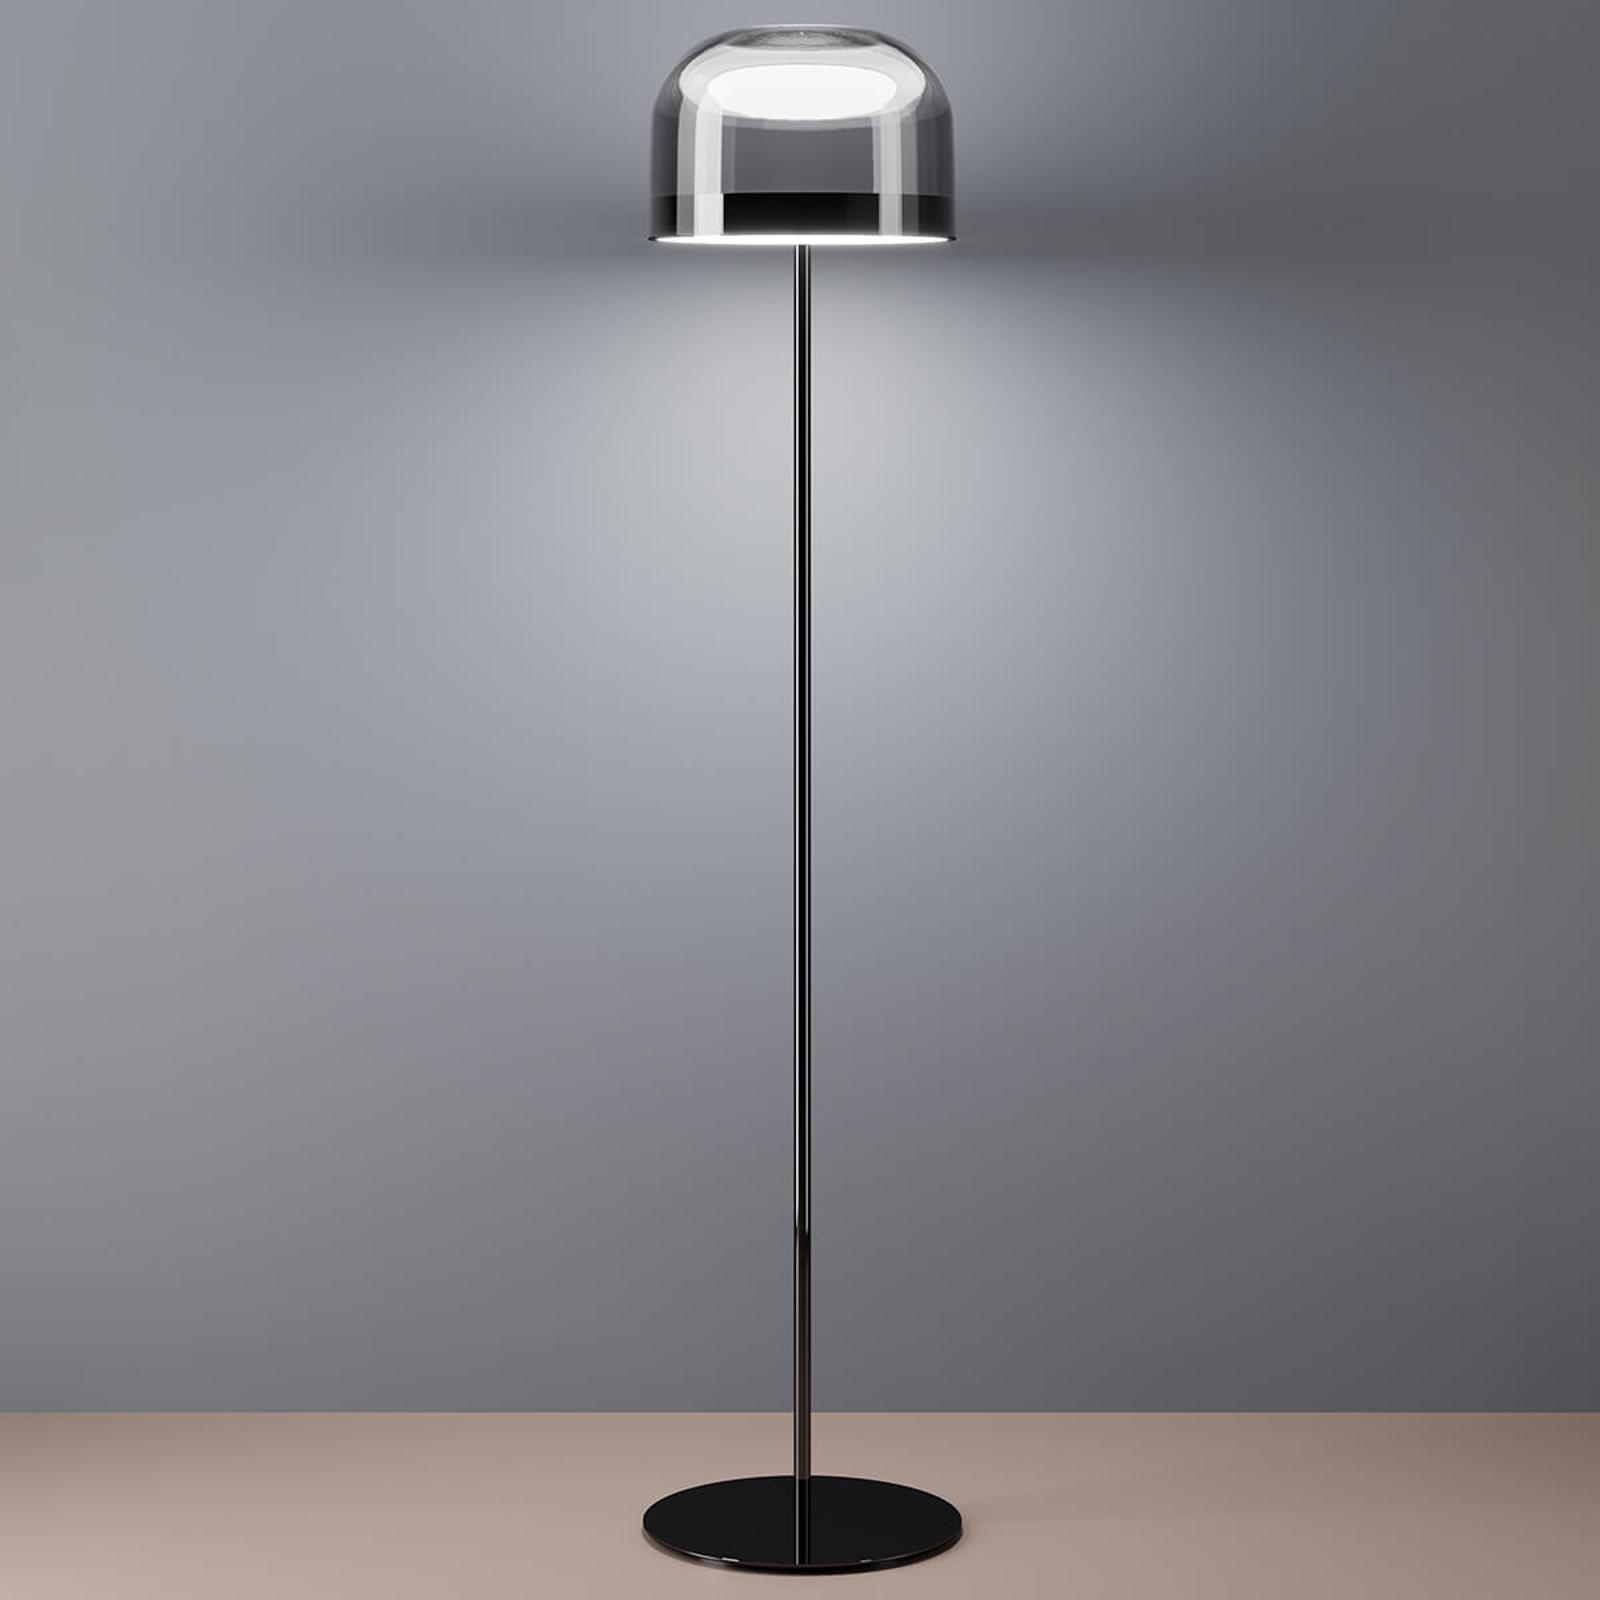 Lampa stojąca LED Equatore w chromie, 135 cm